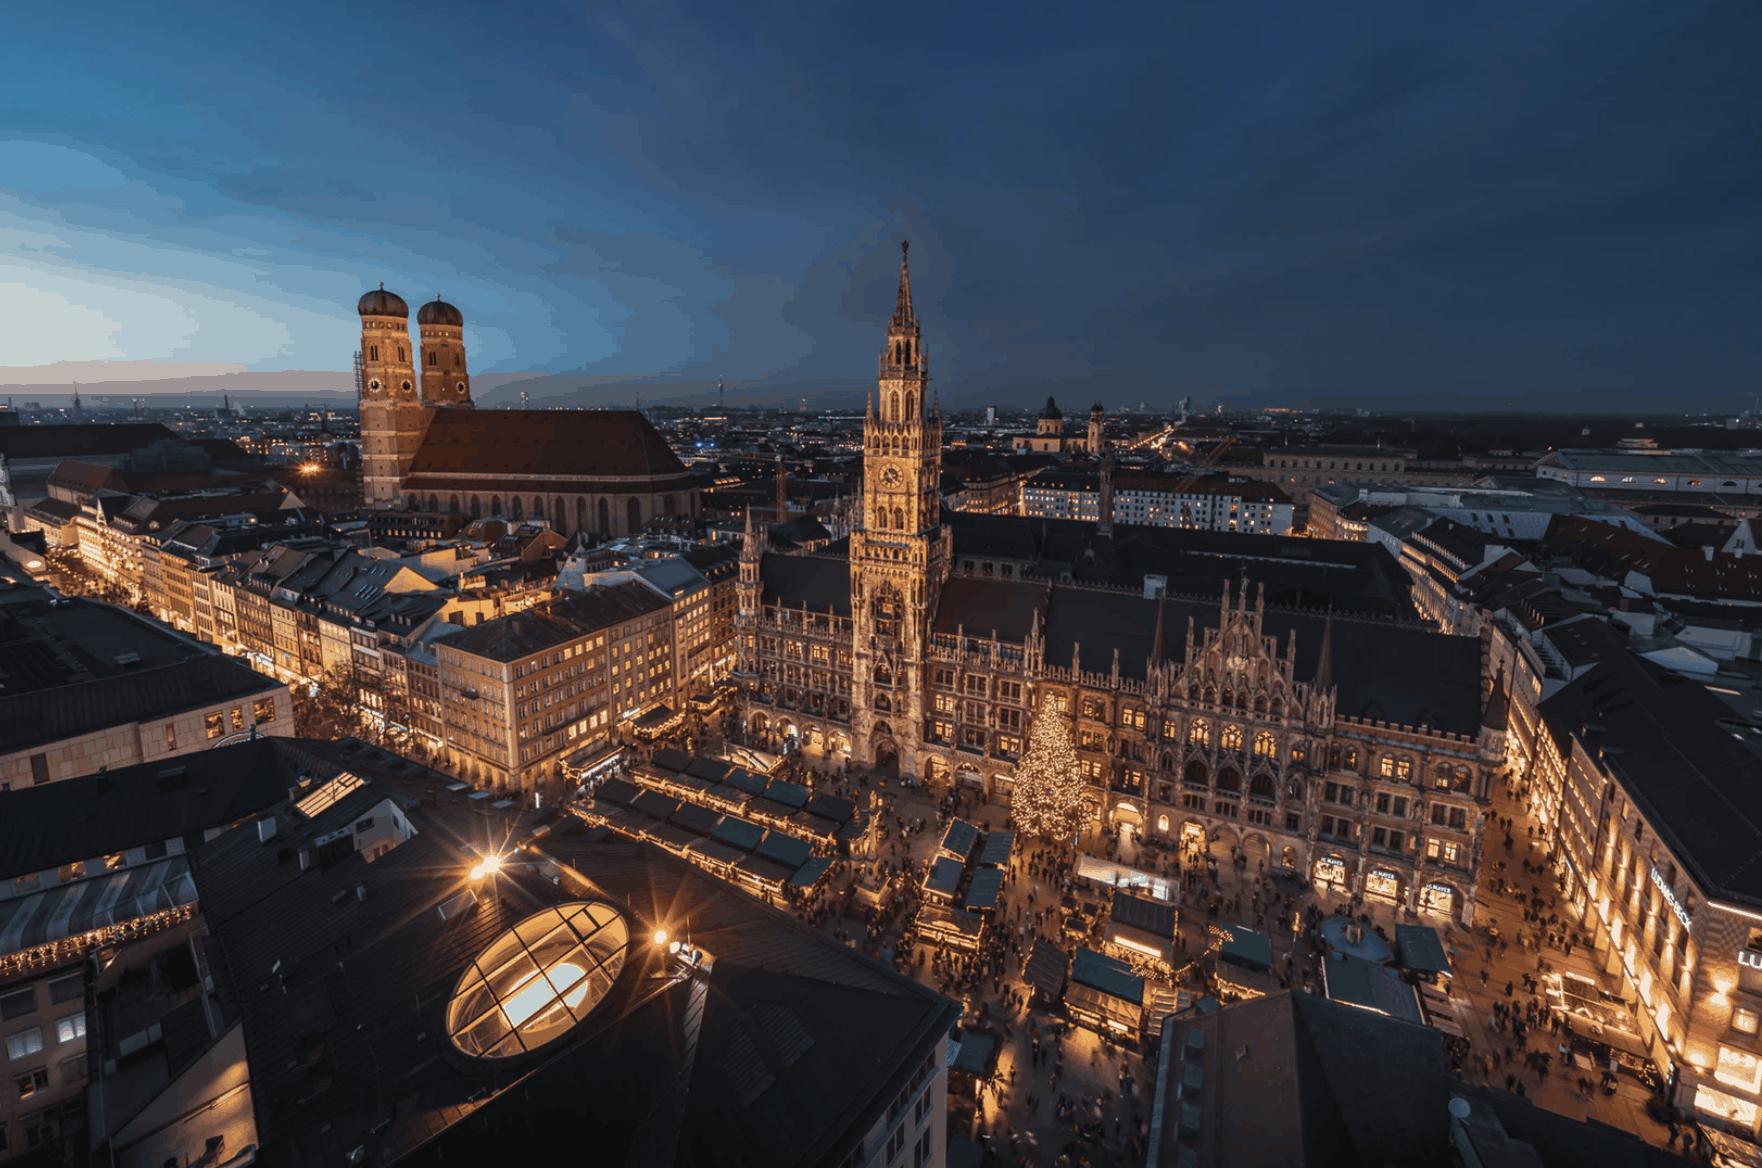 Liste der 3 größten Startup-Acceleratoren in München